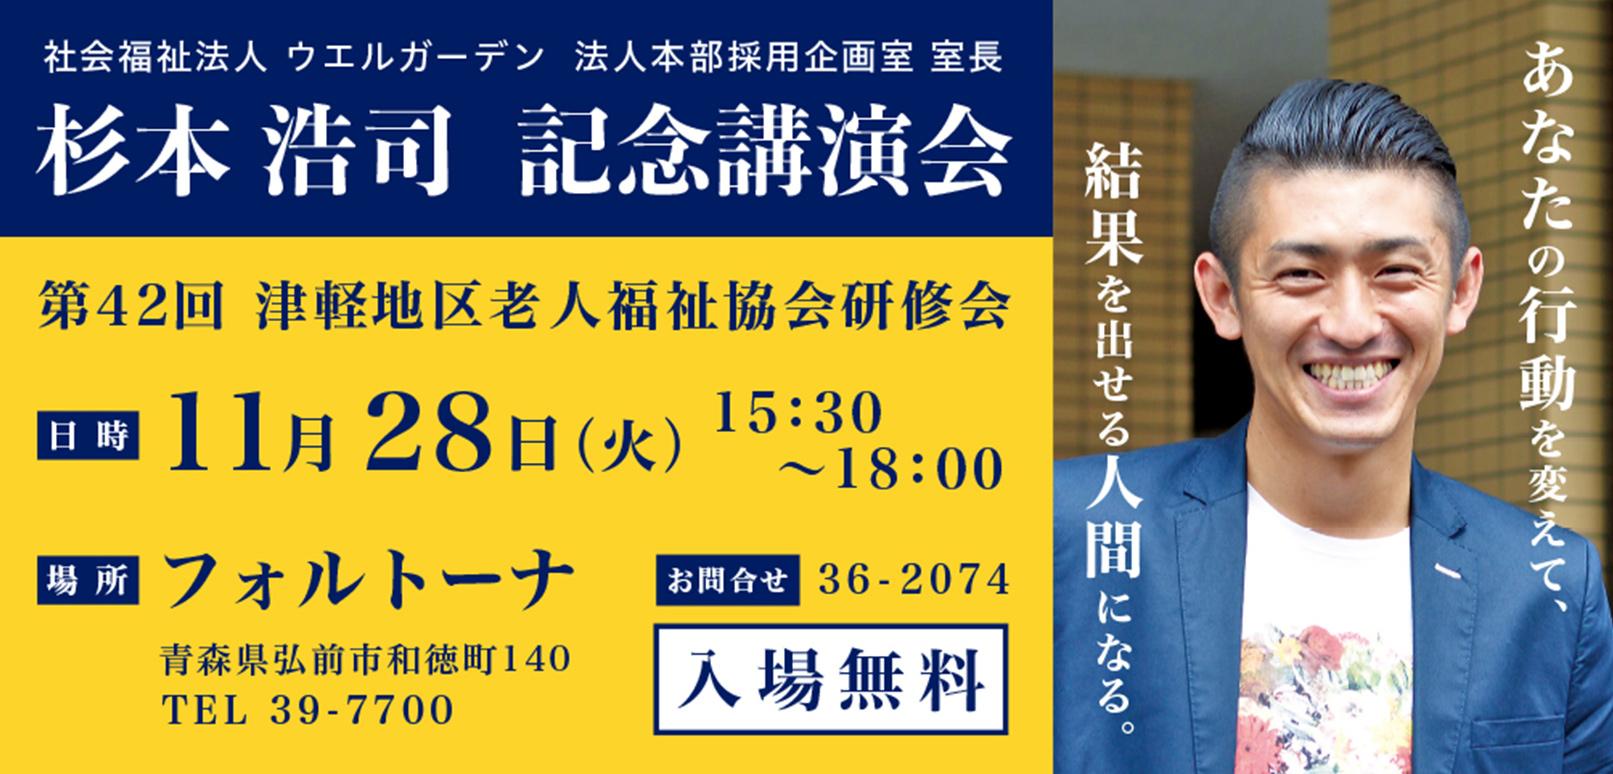 津軽地区老人福祉協会研修会